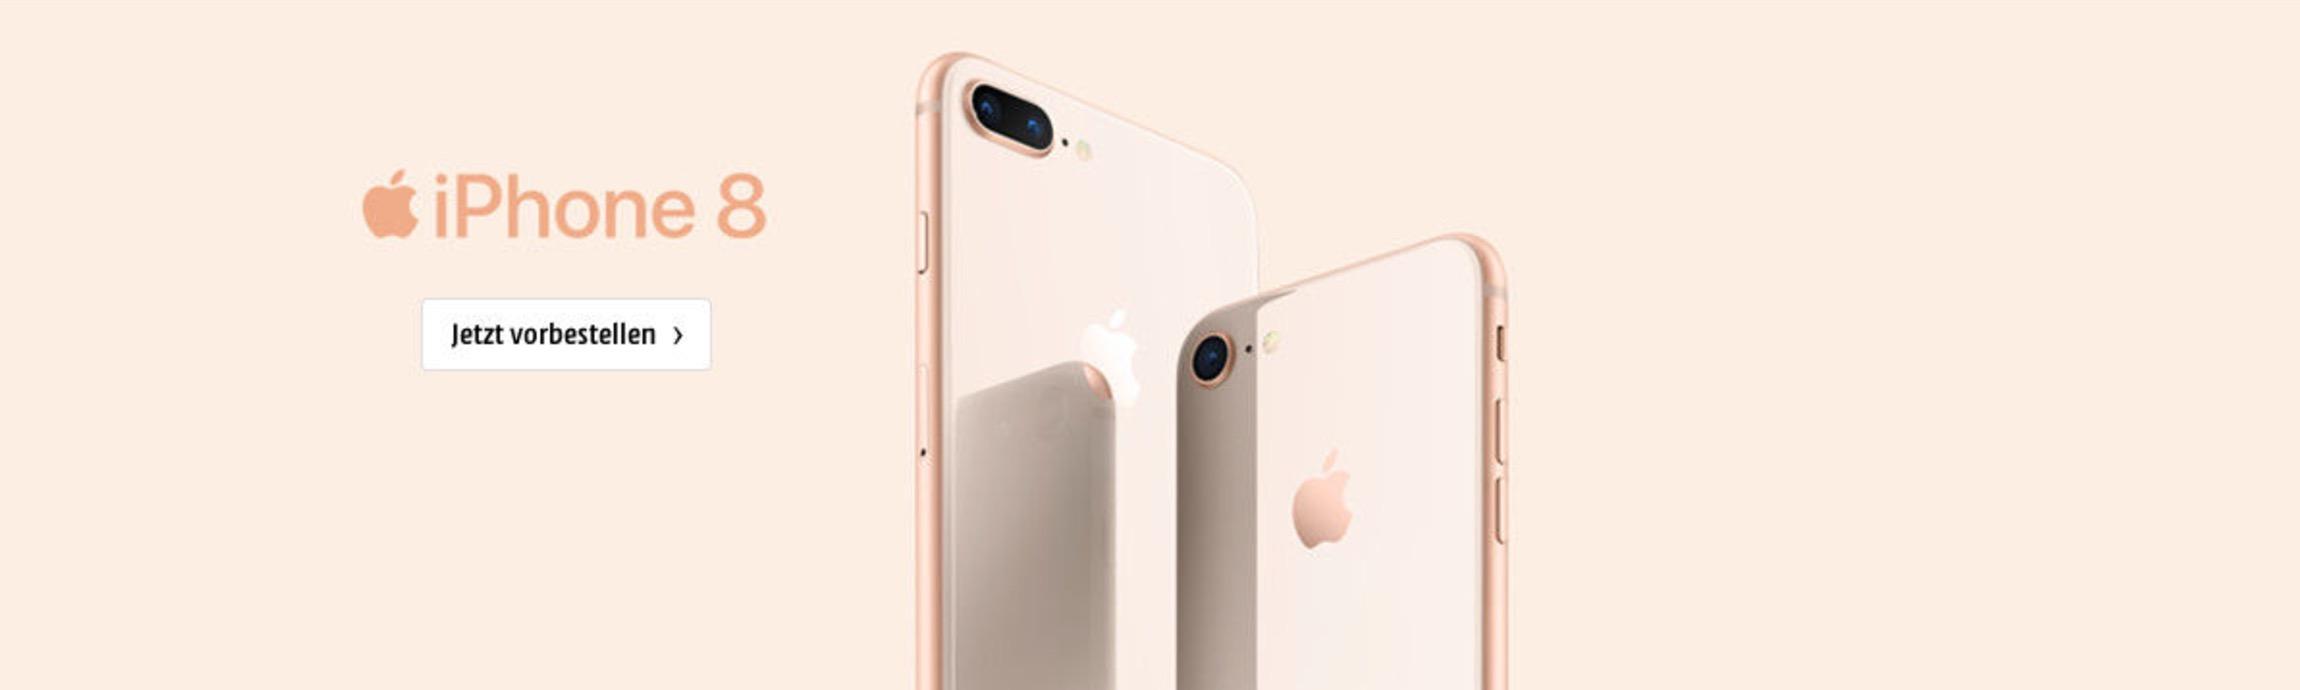 iPhone 8 Werbebanner